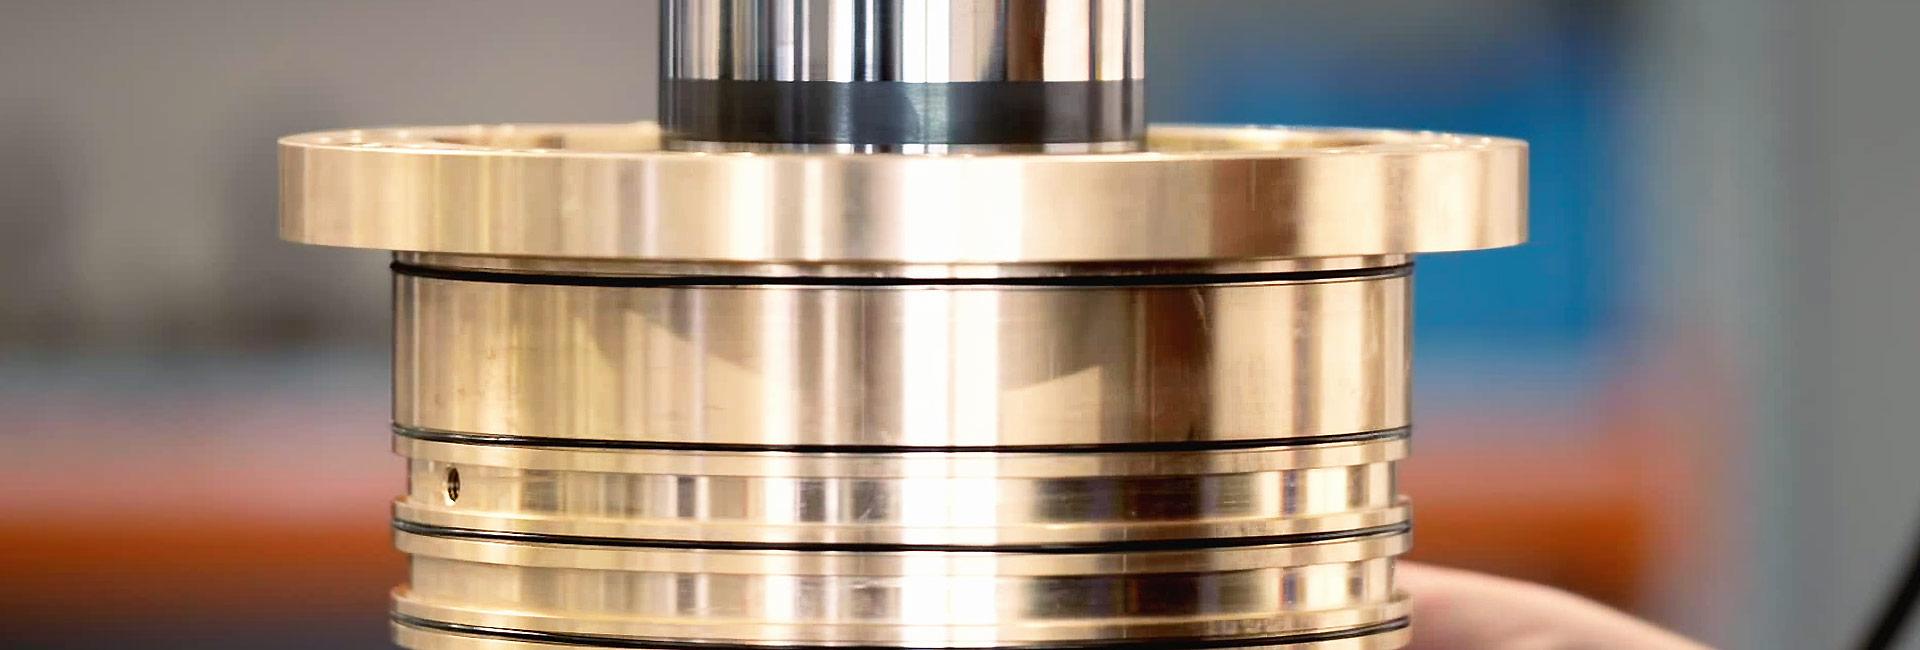 Präzision Spindelmontage | SPL Spindel und Präszisionslager GmbH